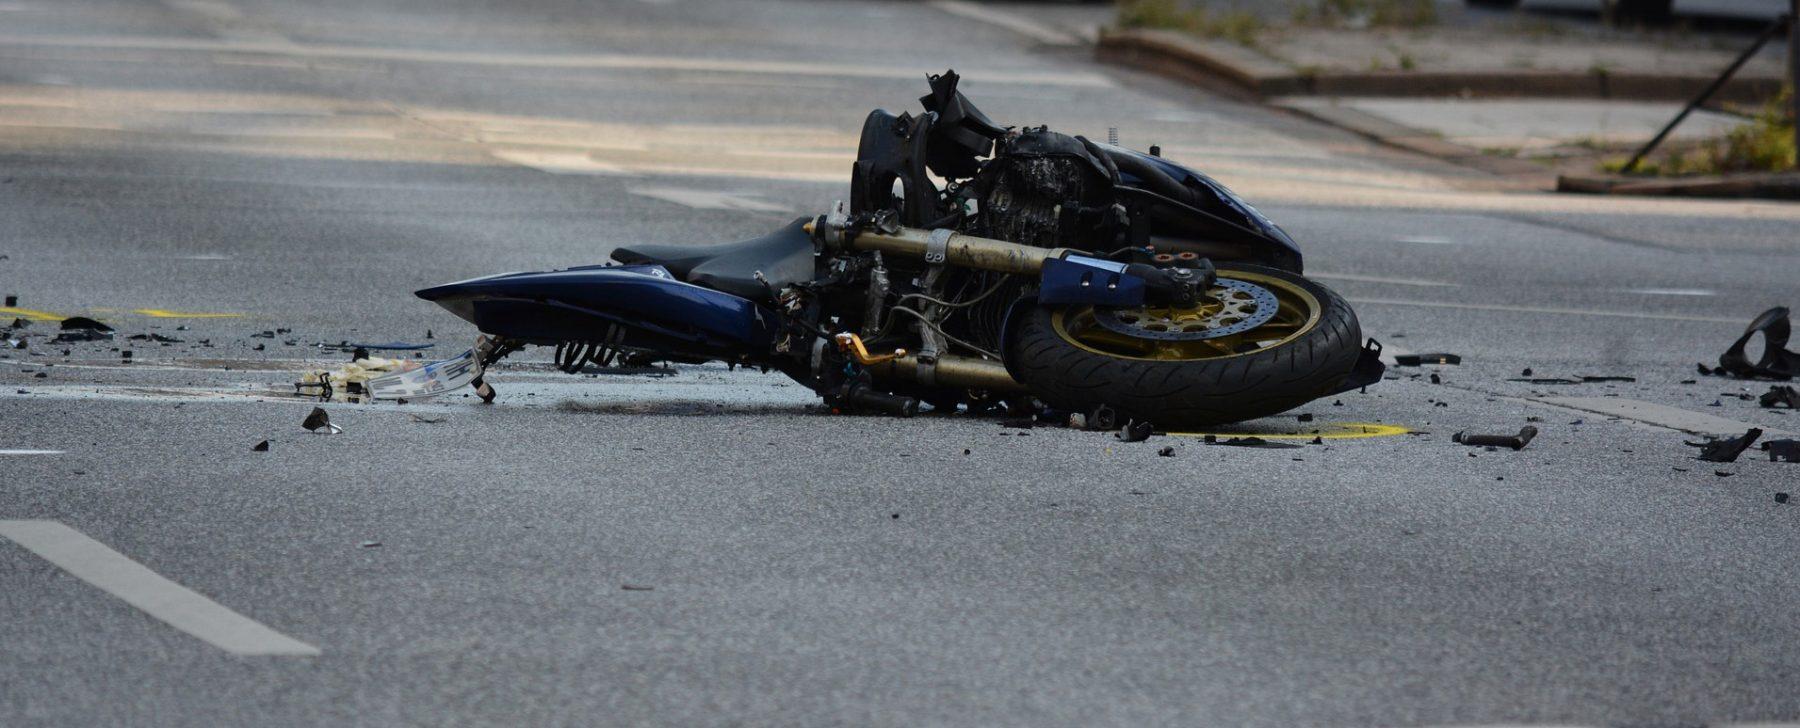 Así quiere la DGT reducir los accidentes en 2020